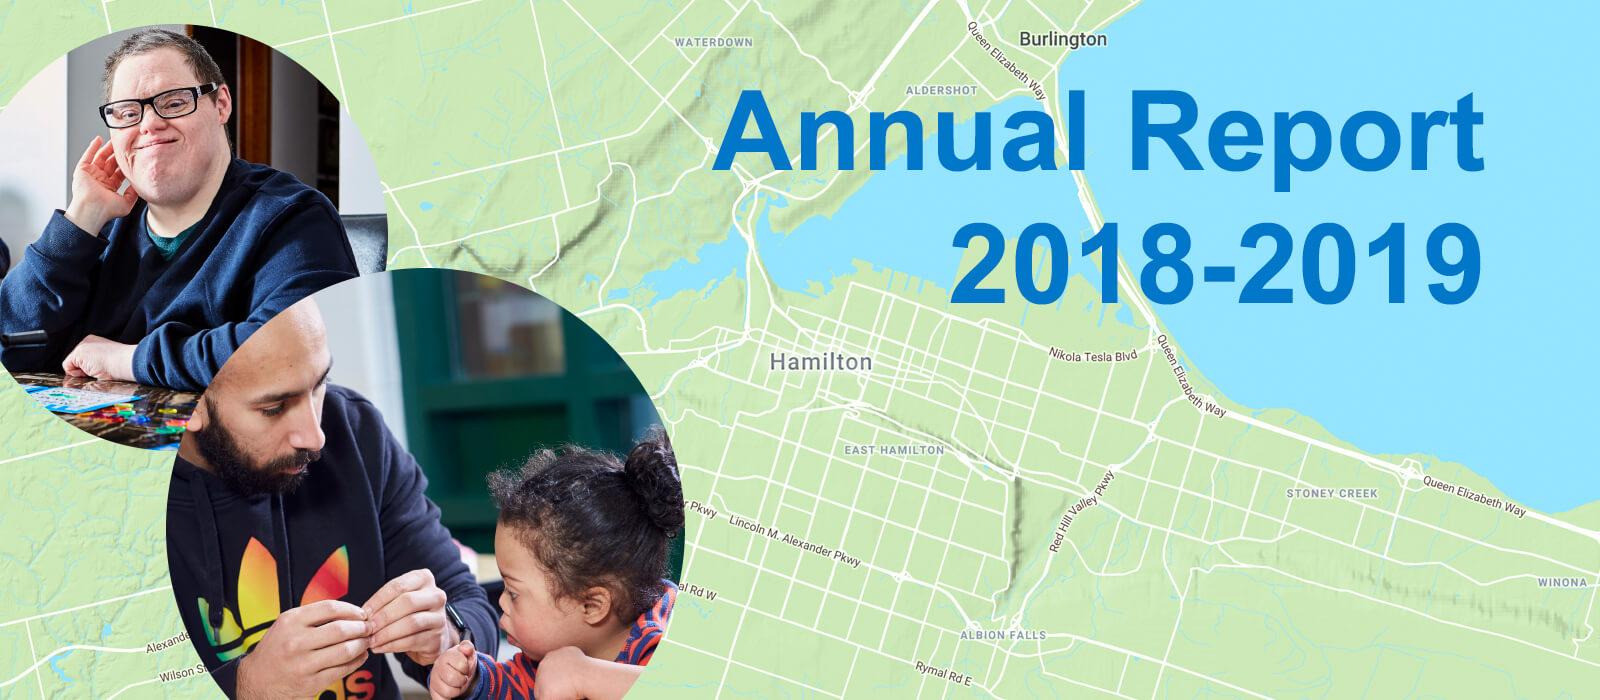 Consultez le rapport annuel de CLH pour 2018-2019 en ligne.